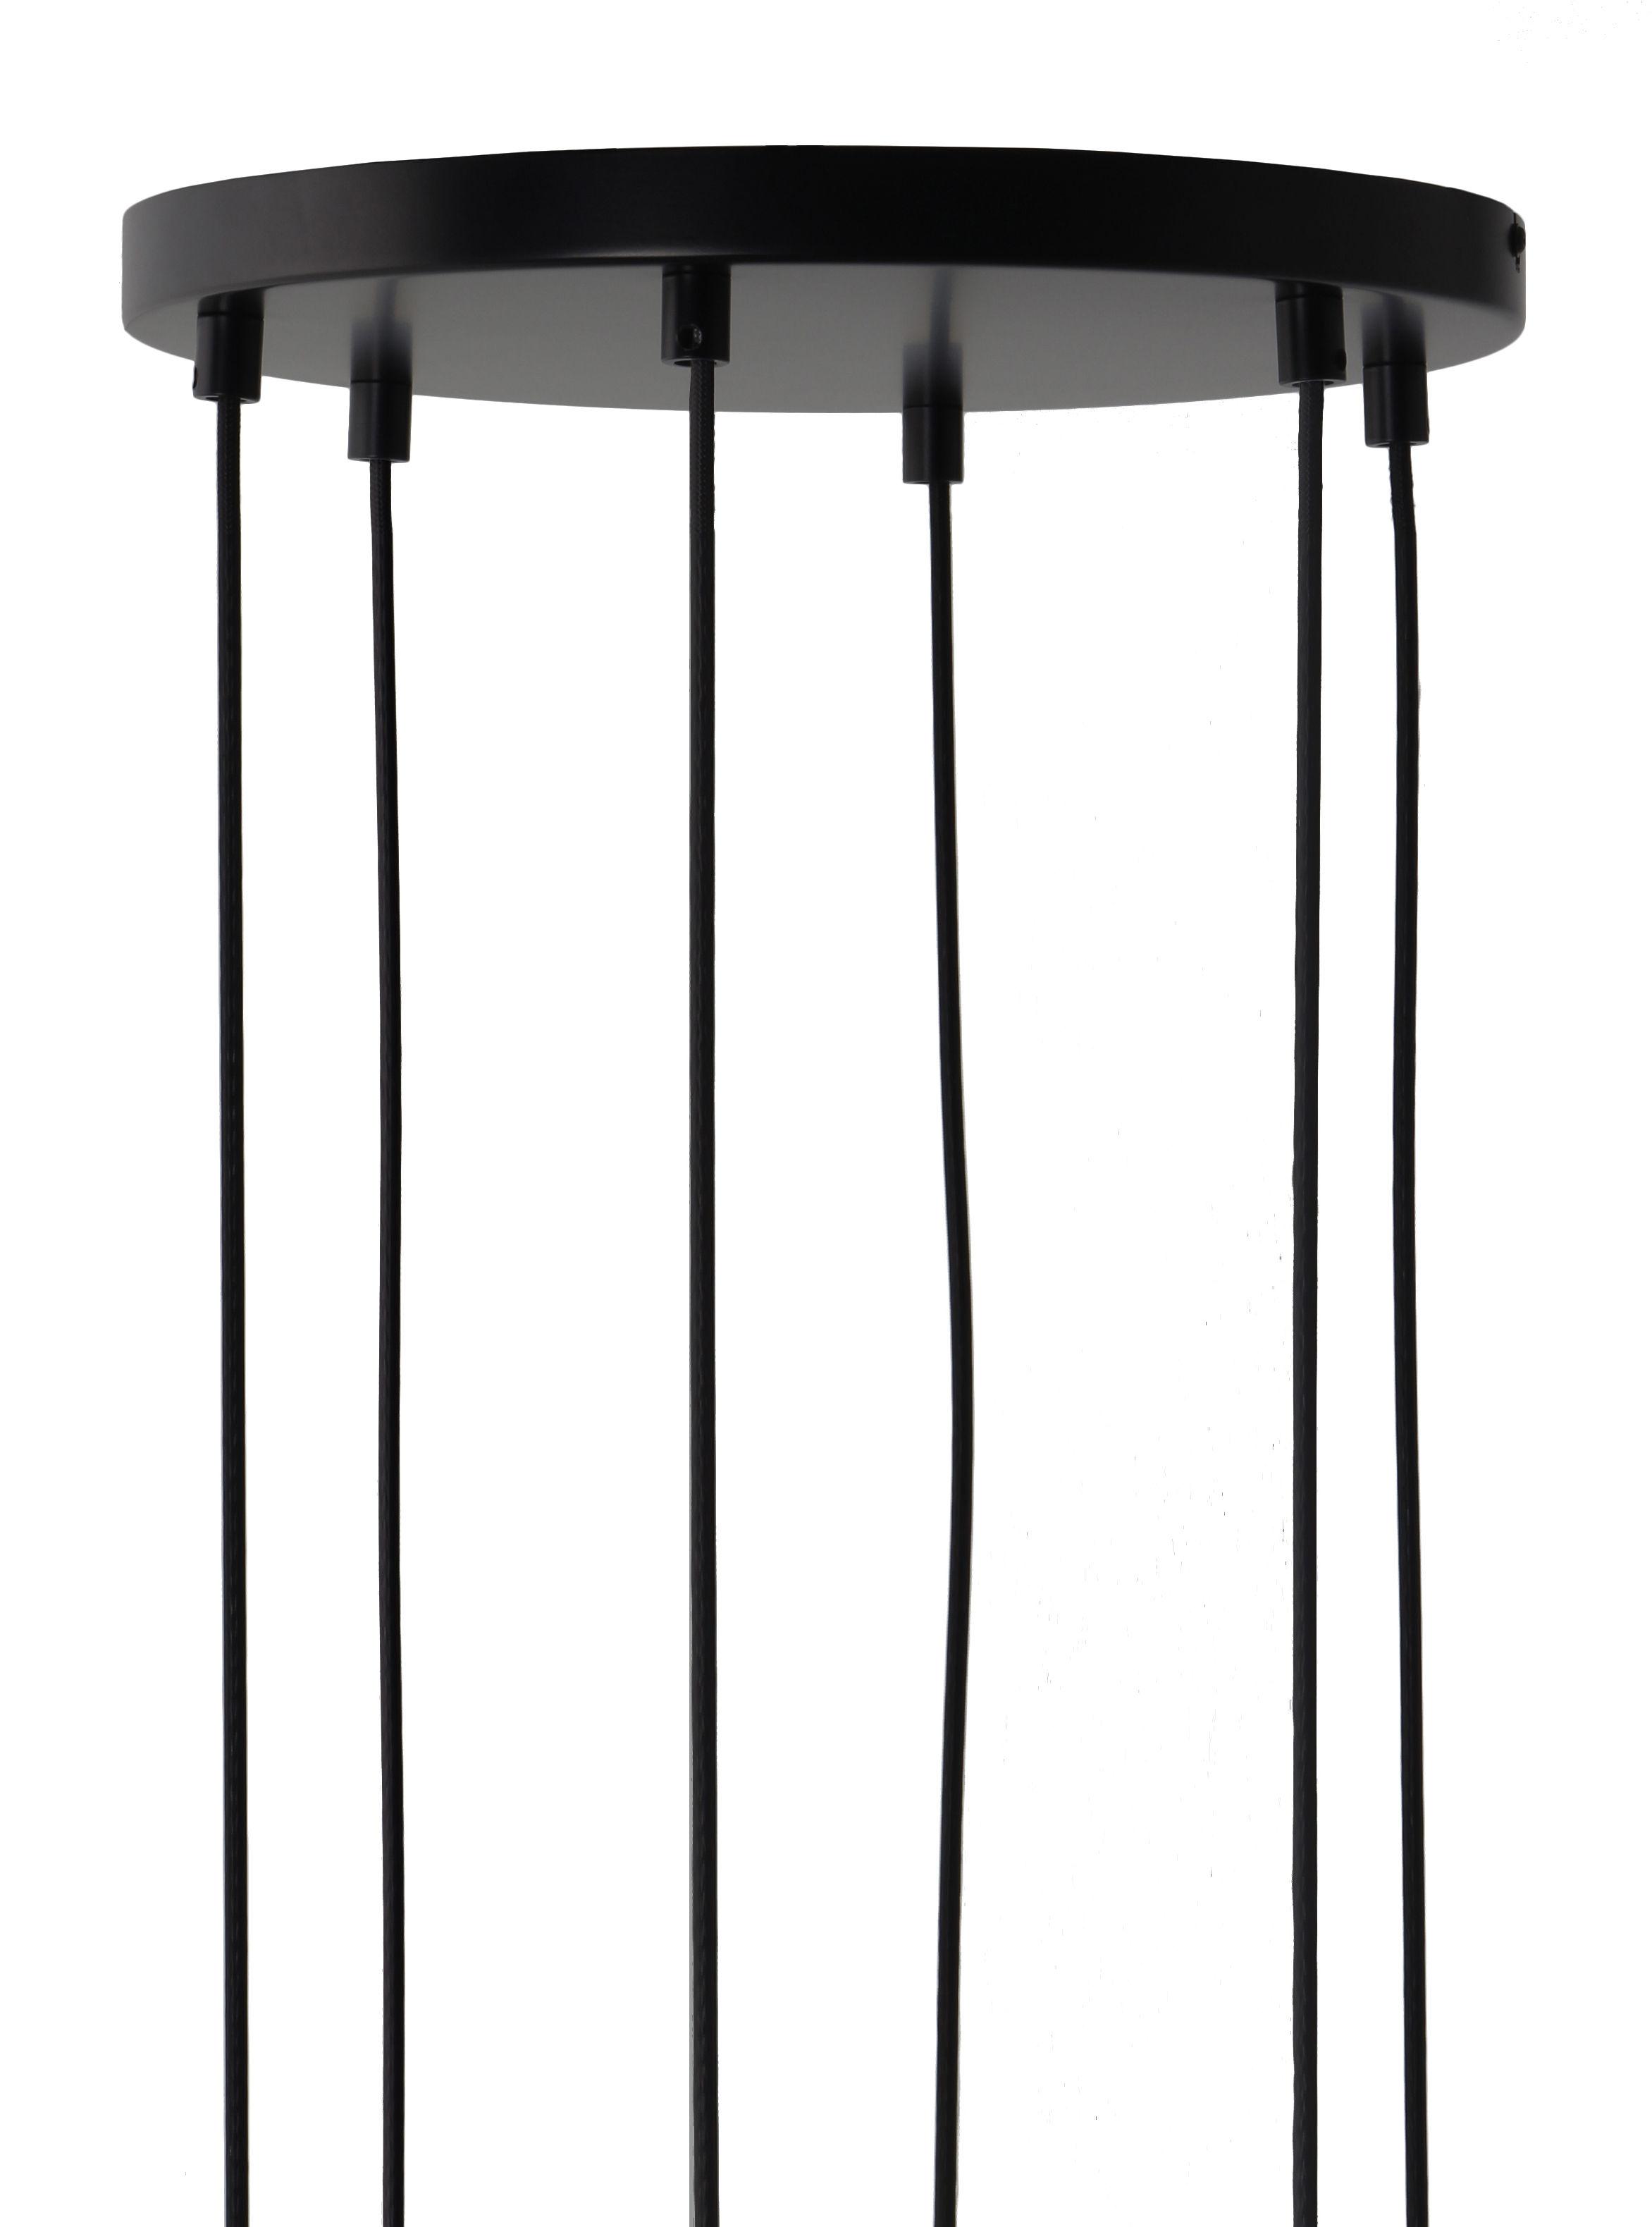 Illuminazione - Lampadine e Accessori - Rosone multiplo 6 trous - / Per 6 sospensioni di Frandsen - 6 sospensioni - metallo verniciato